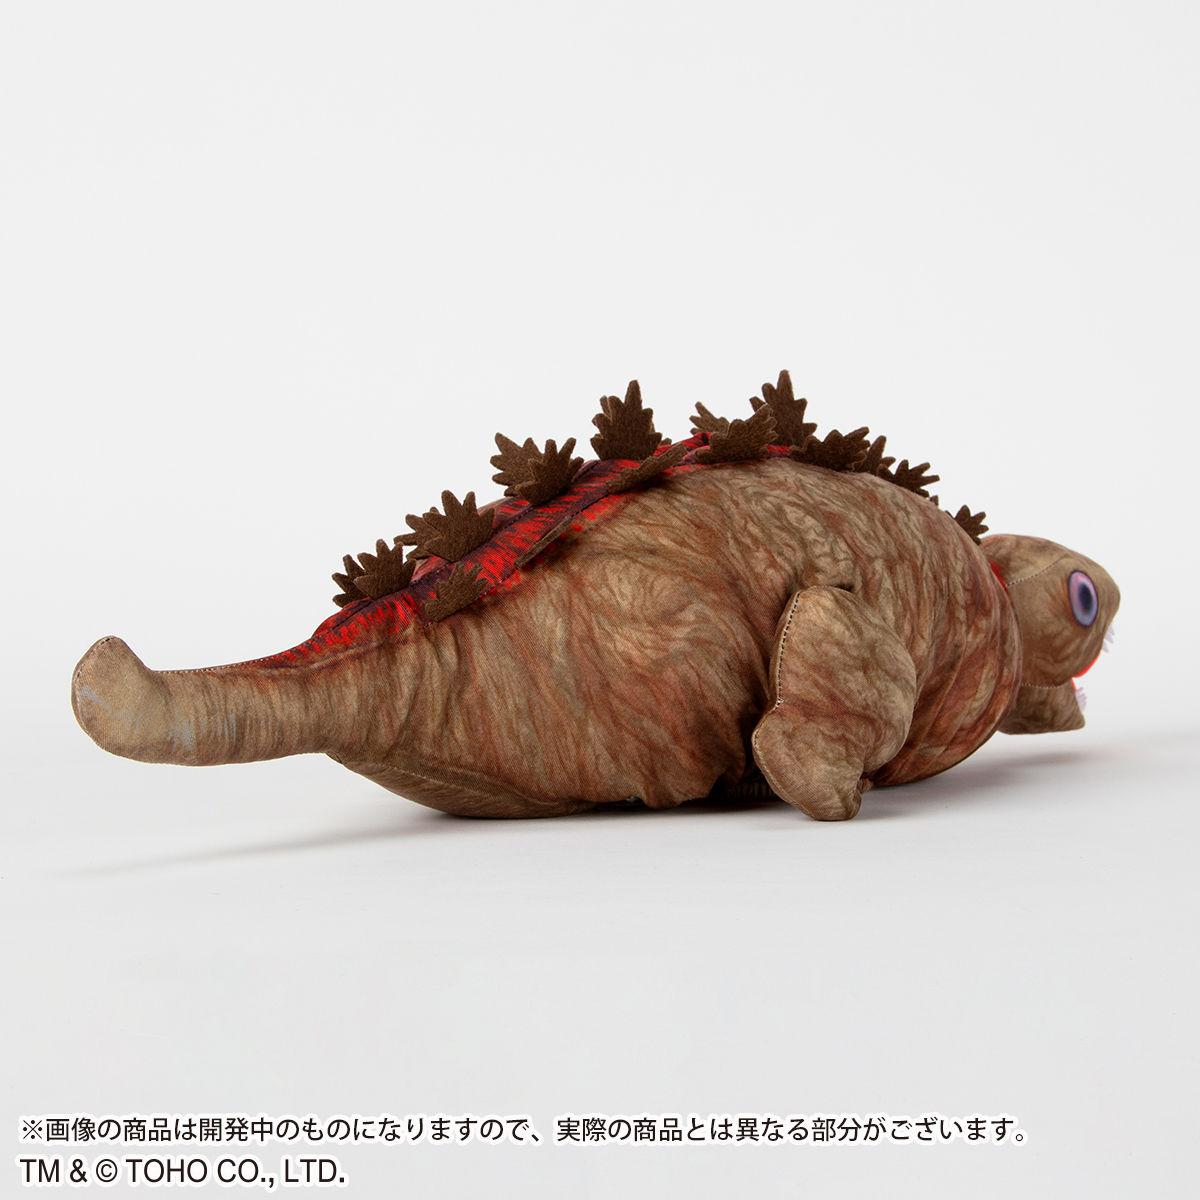 【限定販売】シン・ゴジラ『ゴジラ第2形態 フローリングワイパーカバー』グッズ-003